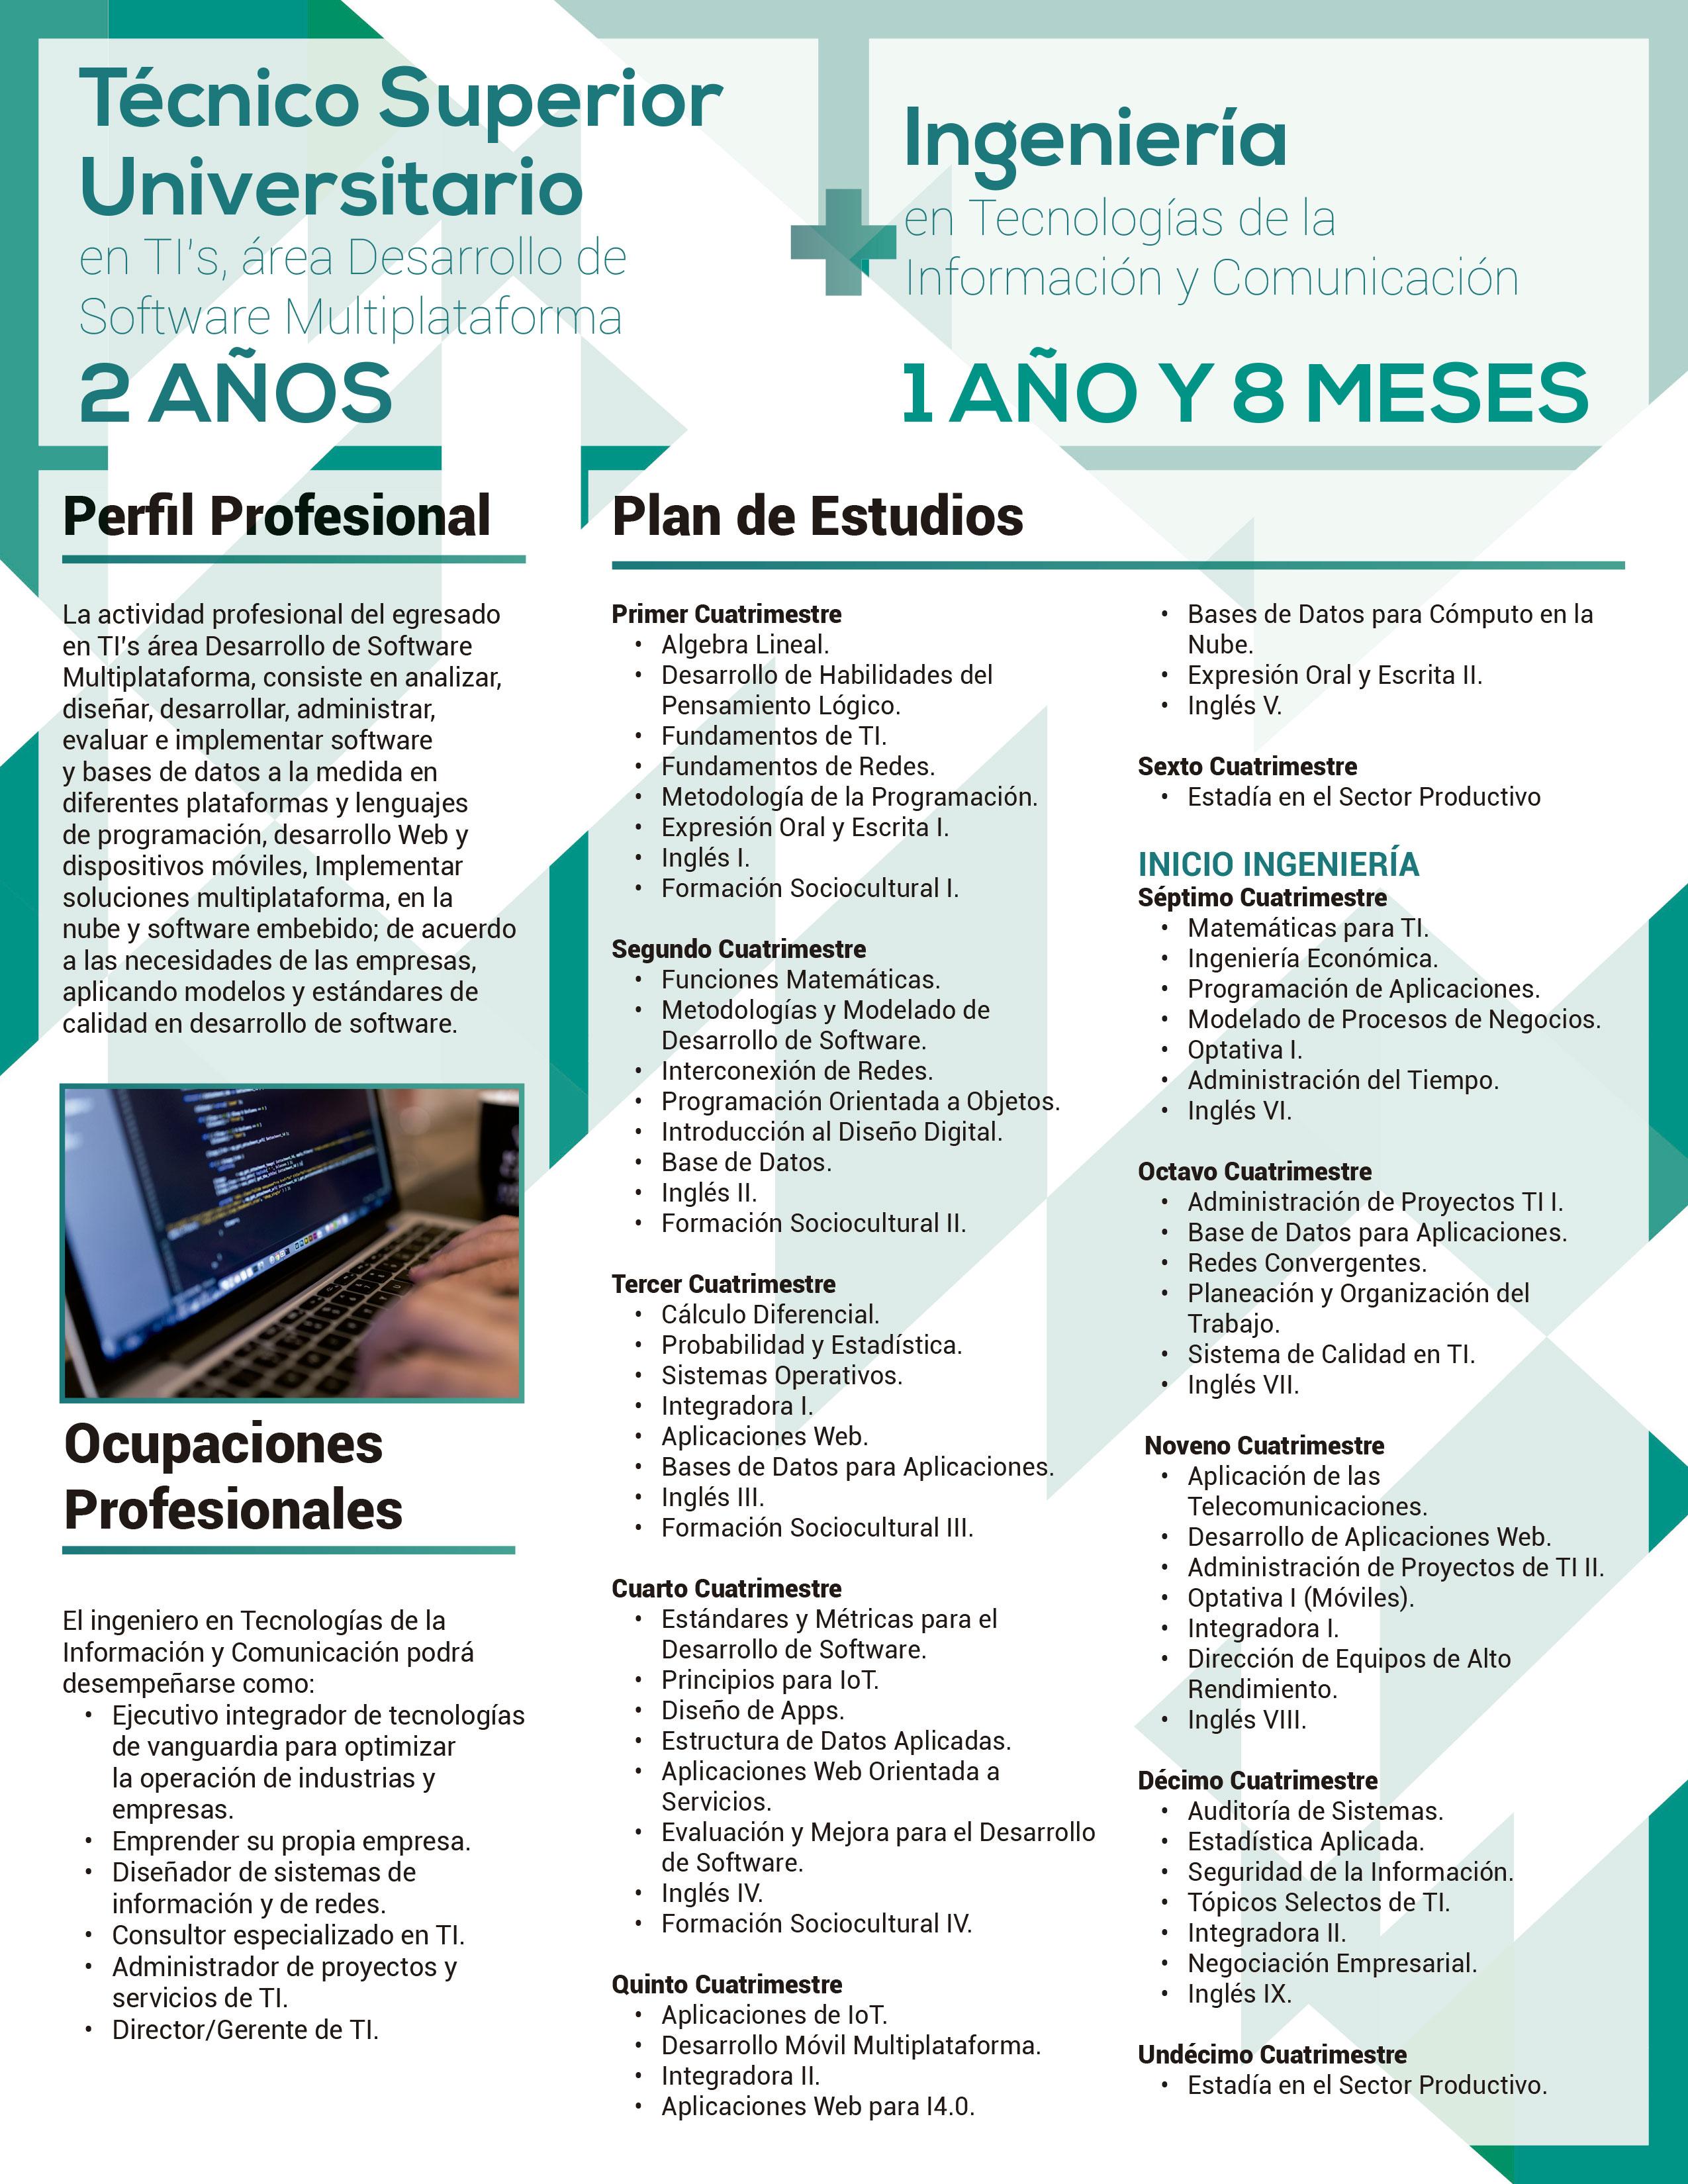 Ingeniería En Tecnologías De La Información Y Comunicación